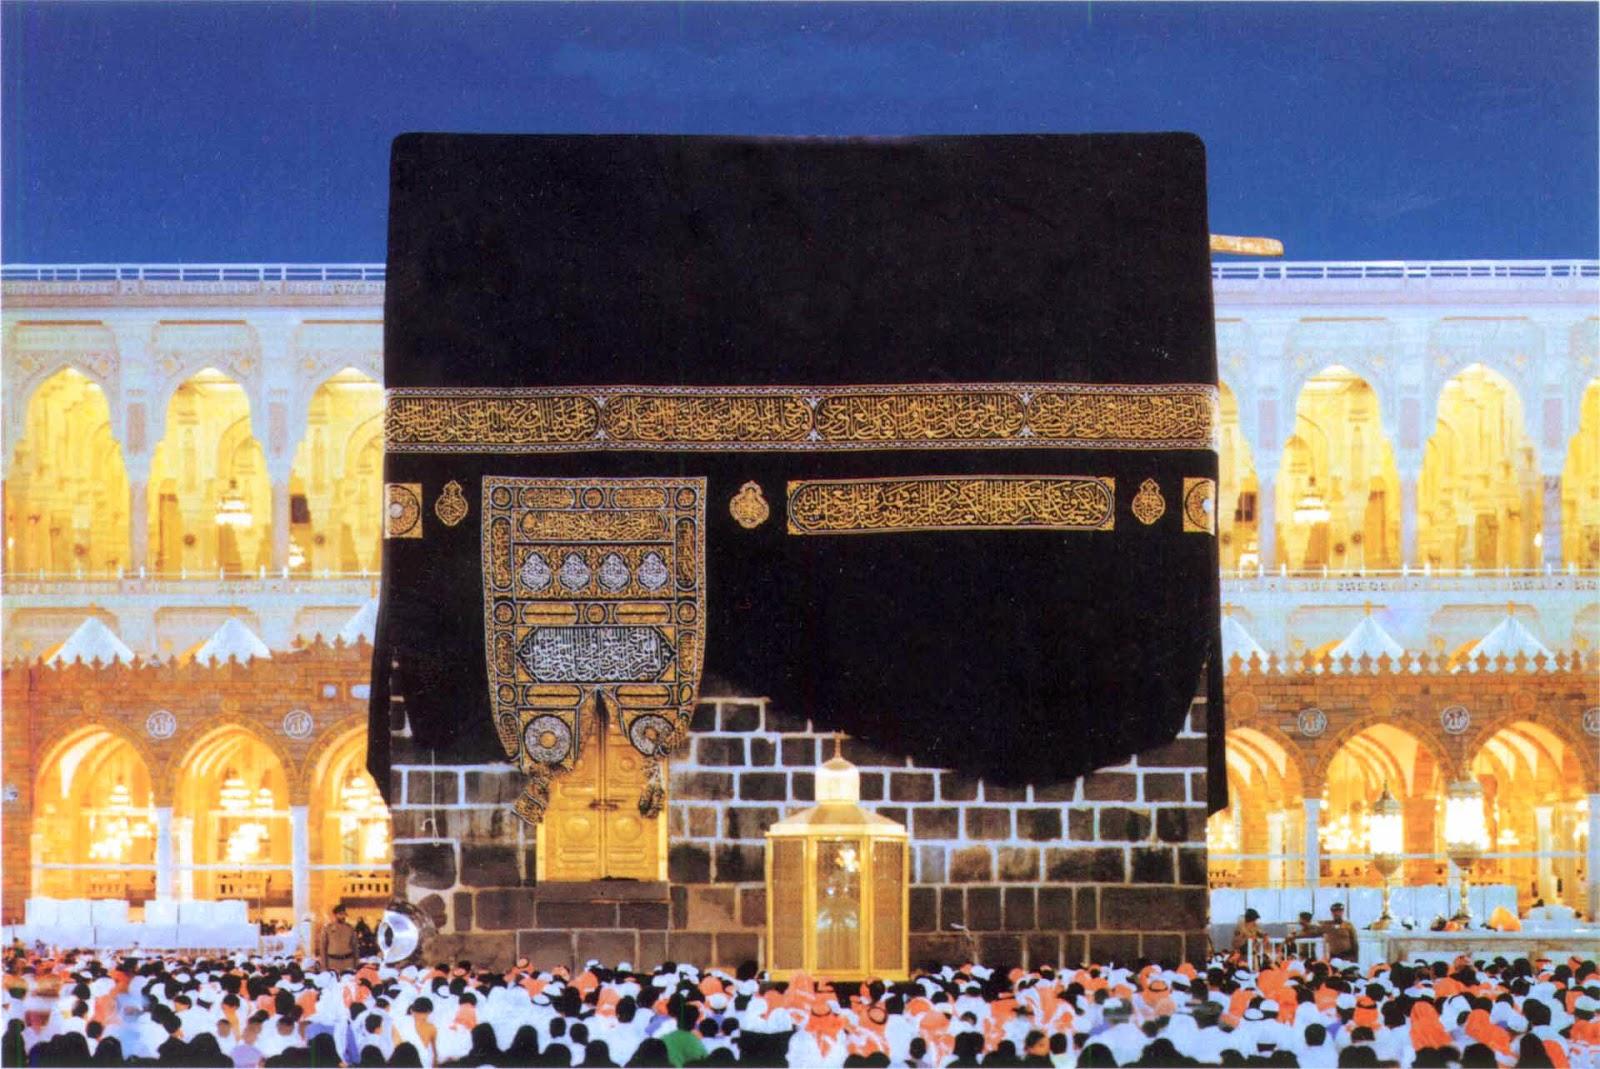 Semangat Umroh Dan Haji 2015